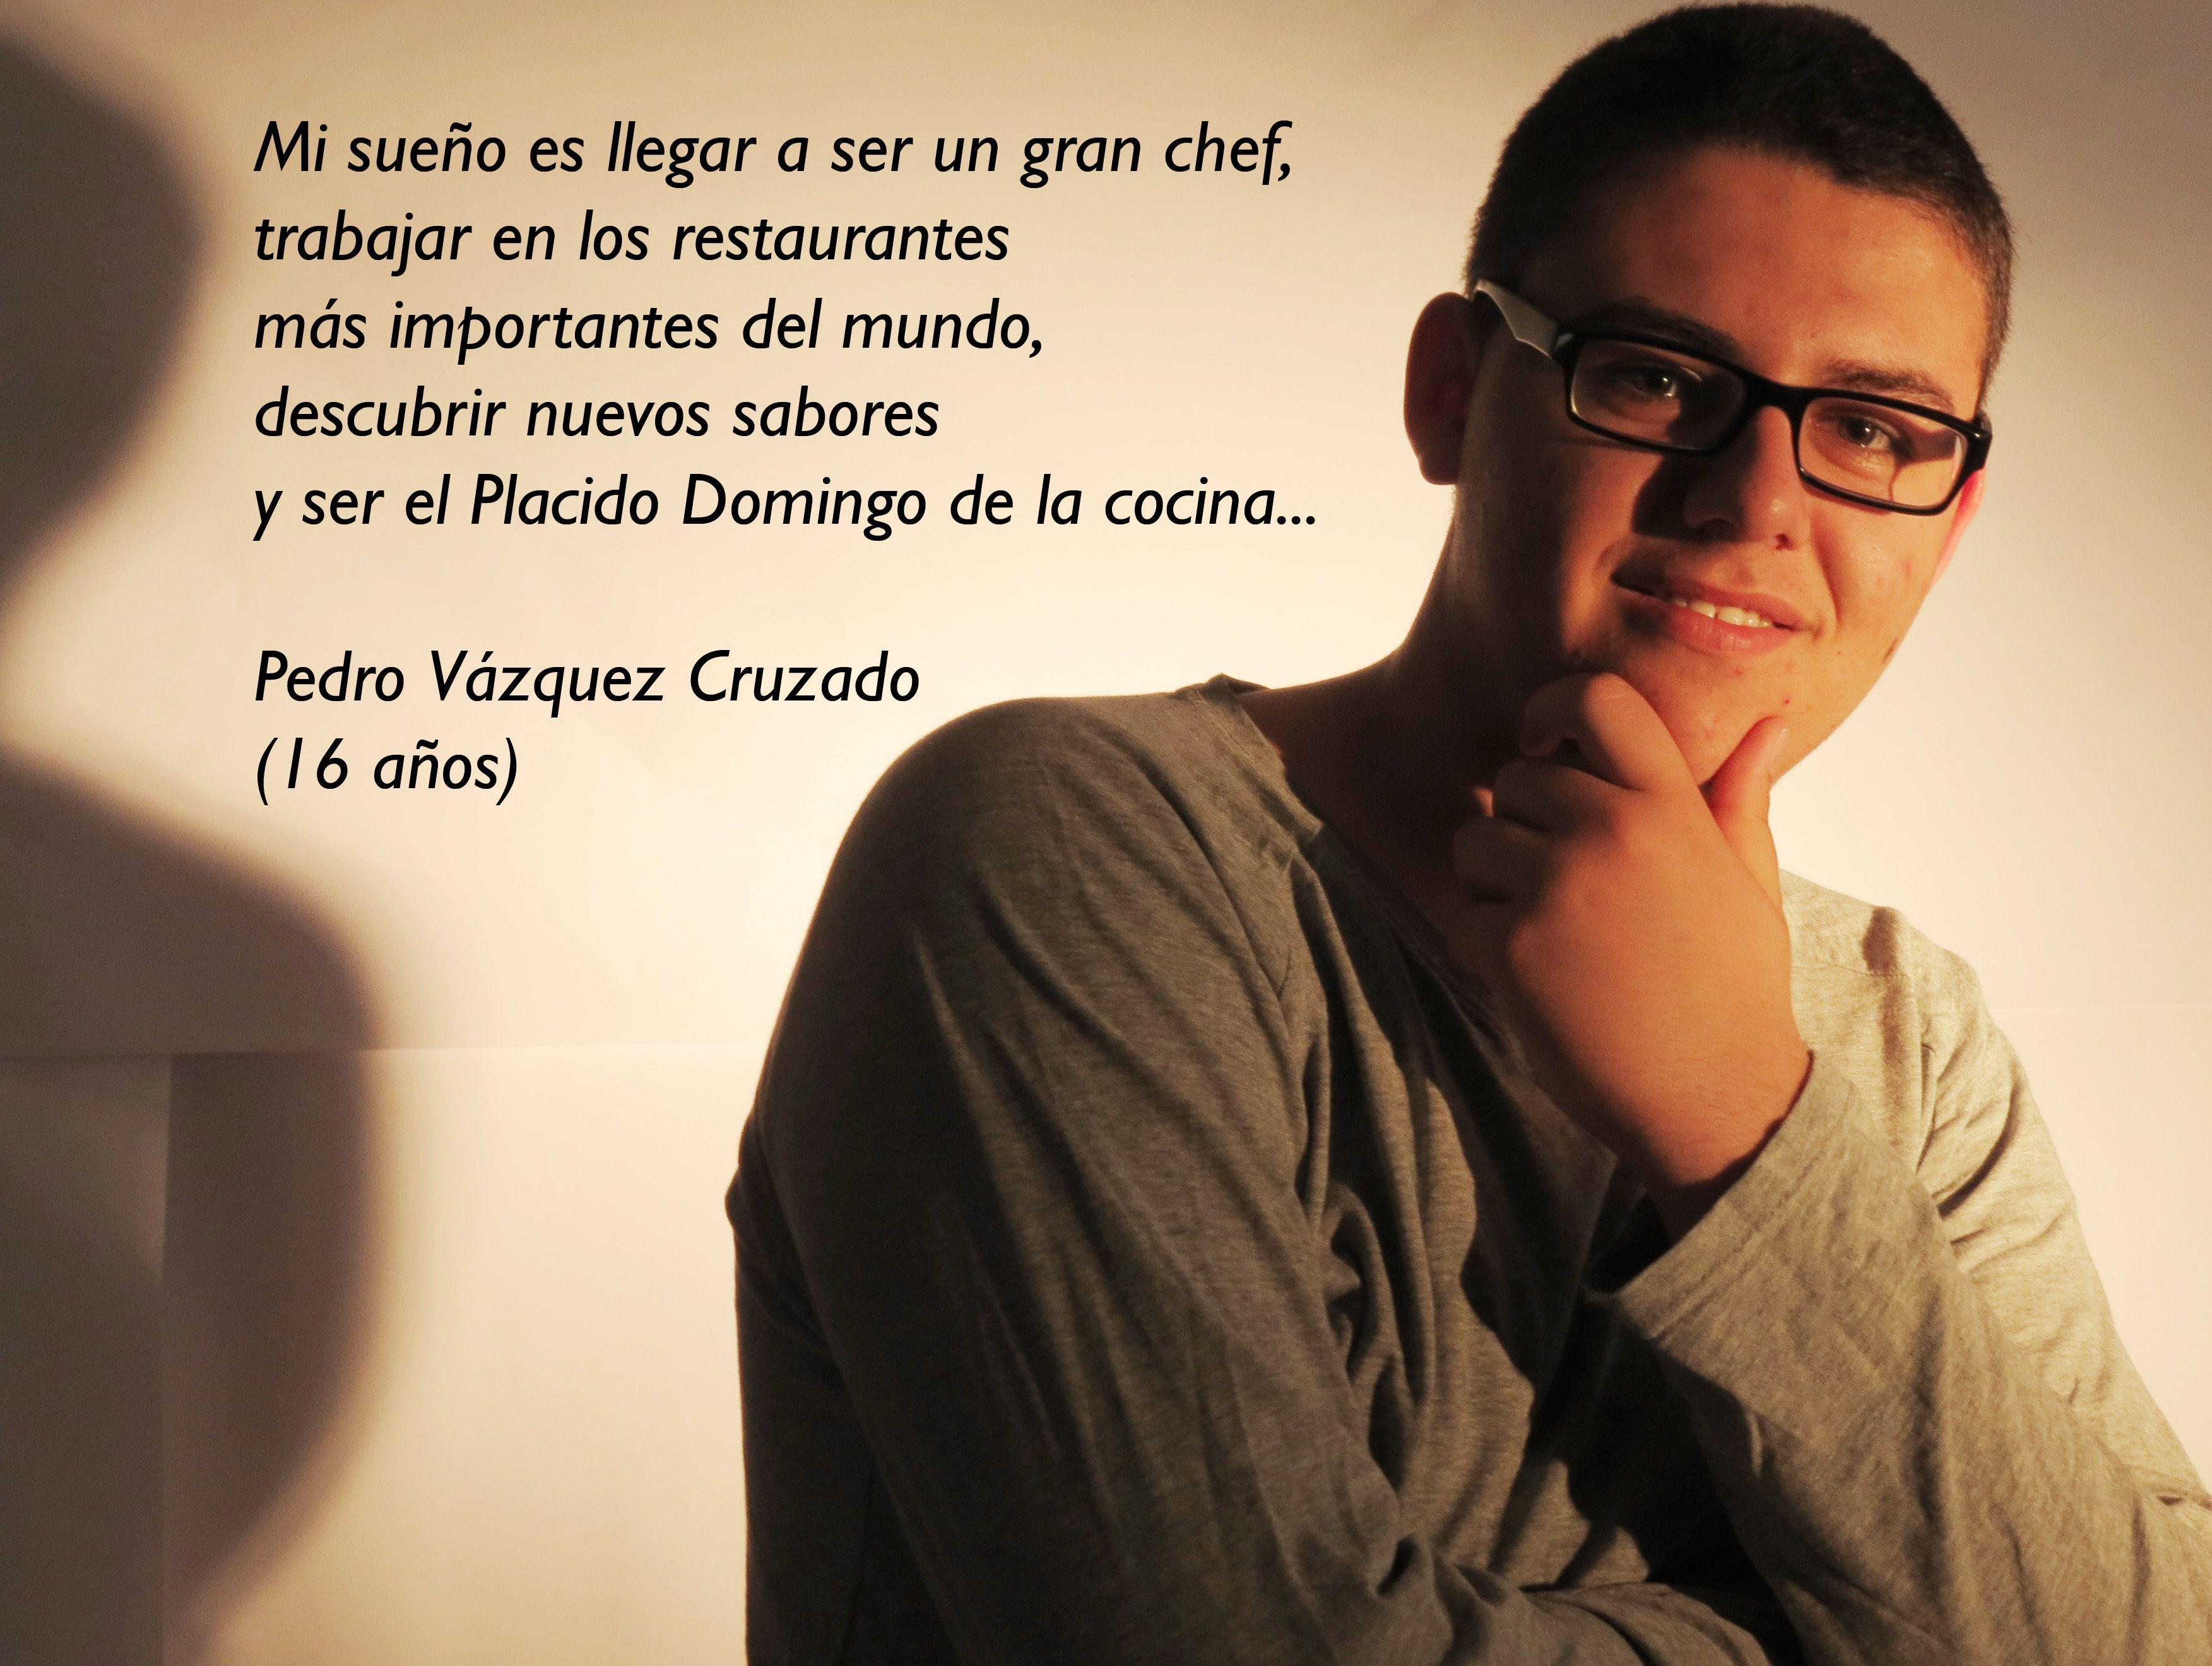 Pedro Vázquez  http://emonautas.blogspot.com.es/2013/06/suenos-ensonaciones-y-accion-i-pedro.html